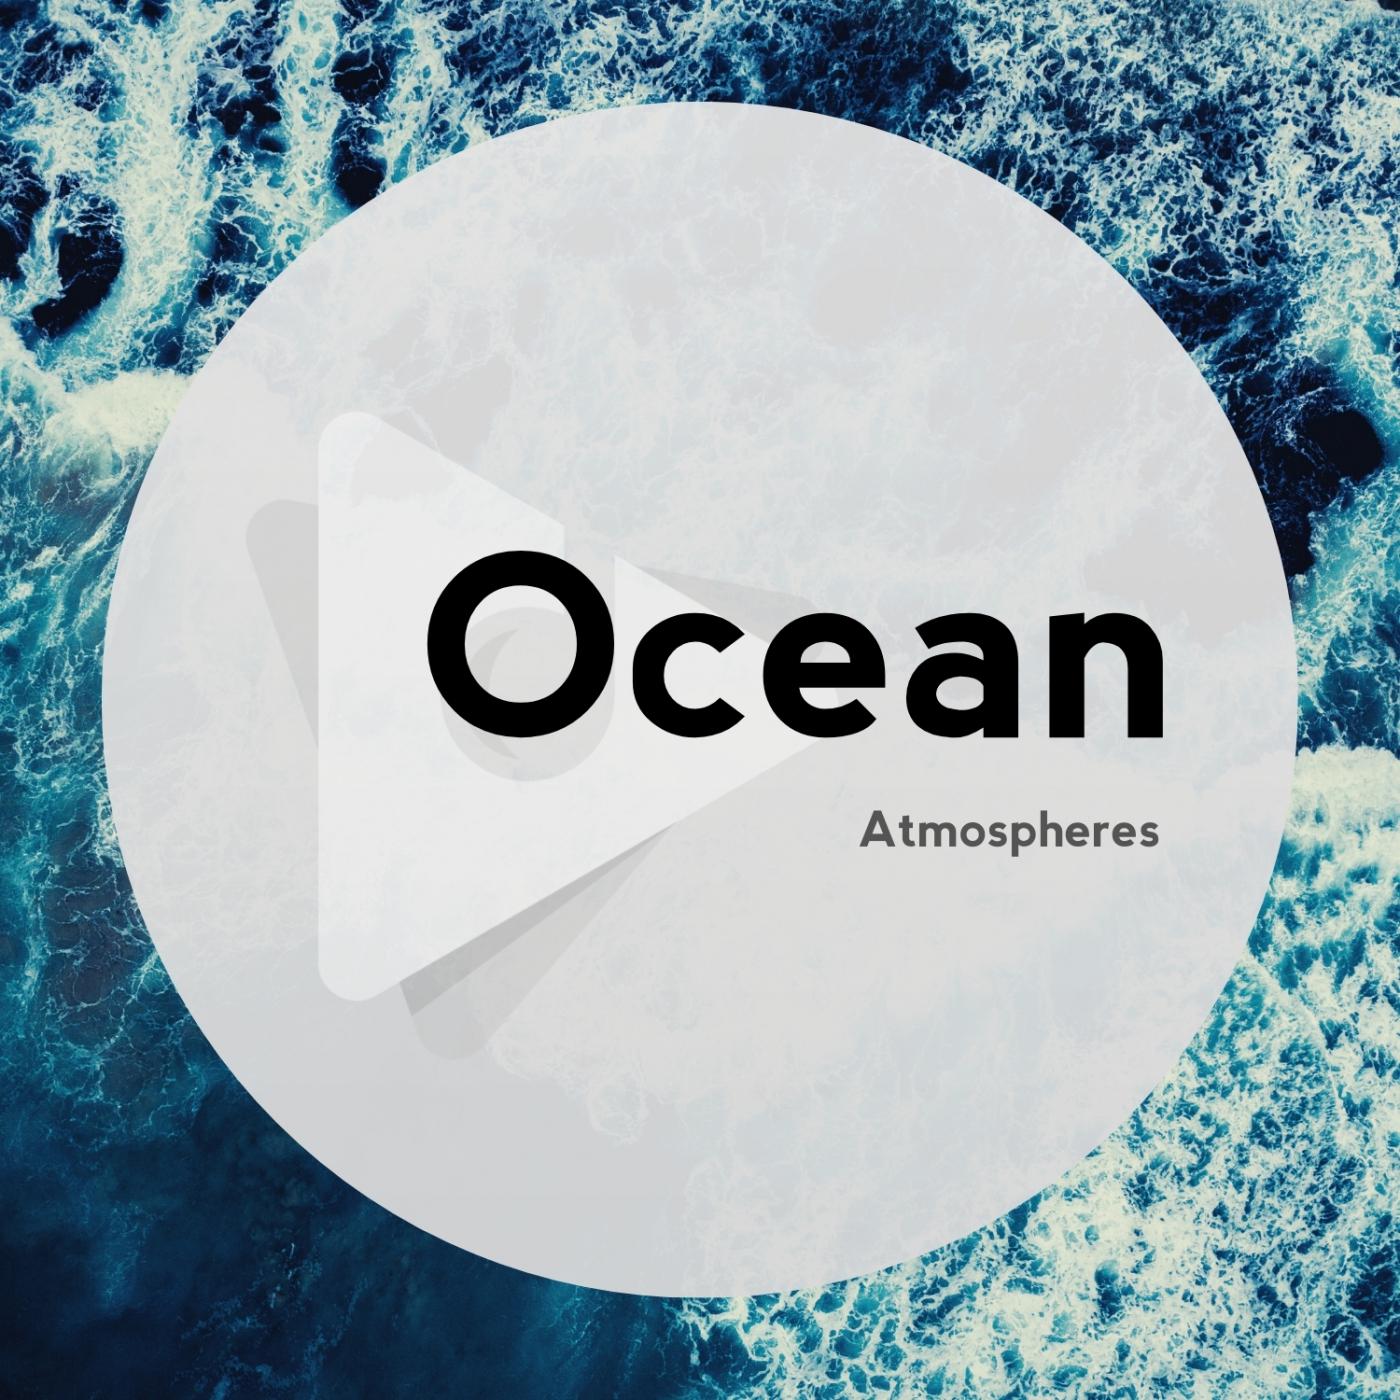 Ocean Atmospheres